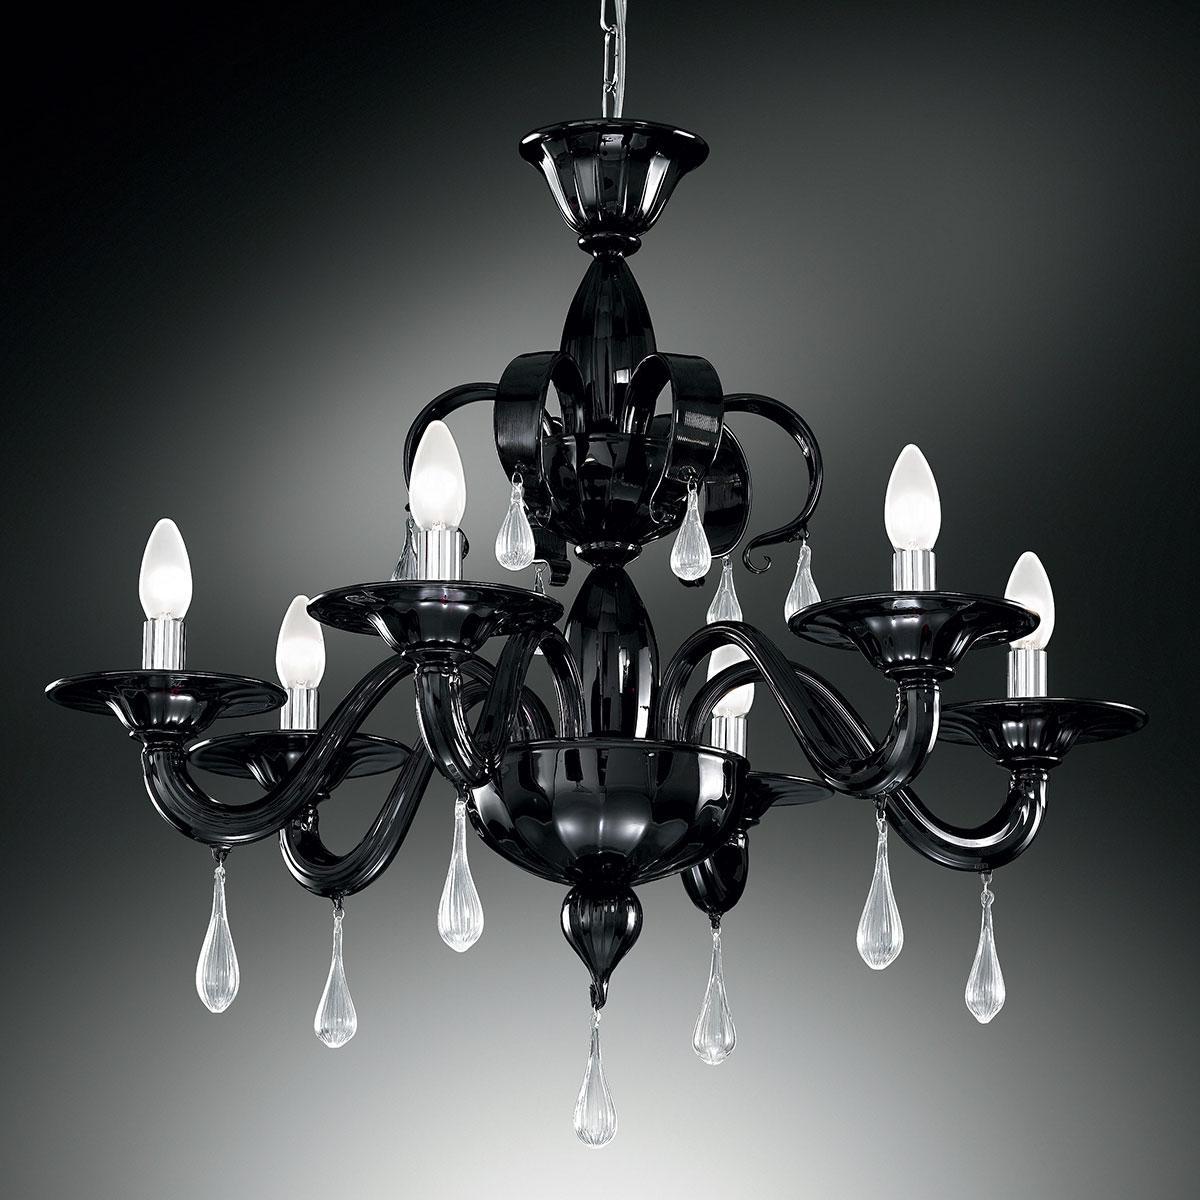 """""""Olivia"""" lampara de araña de Murano - 6 luces - negro y transparente"""